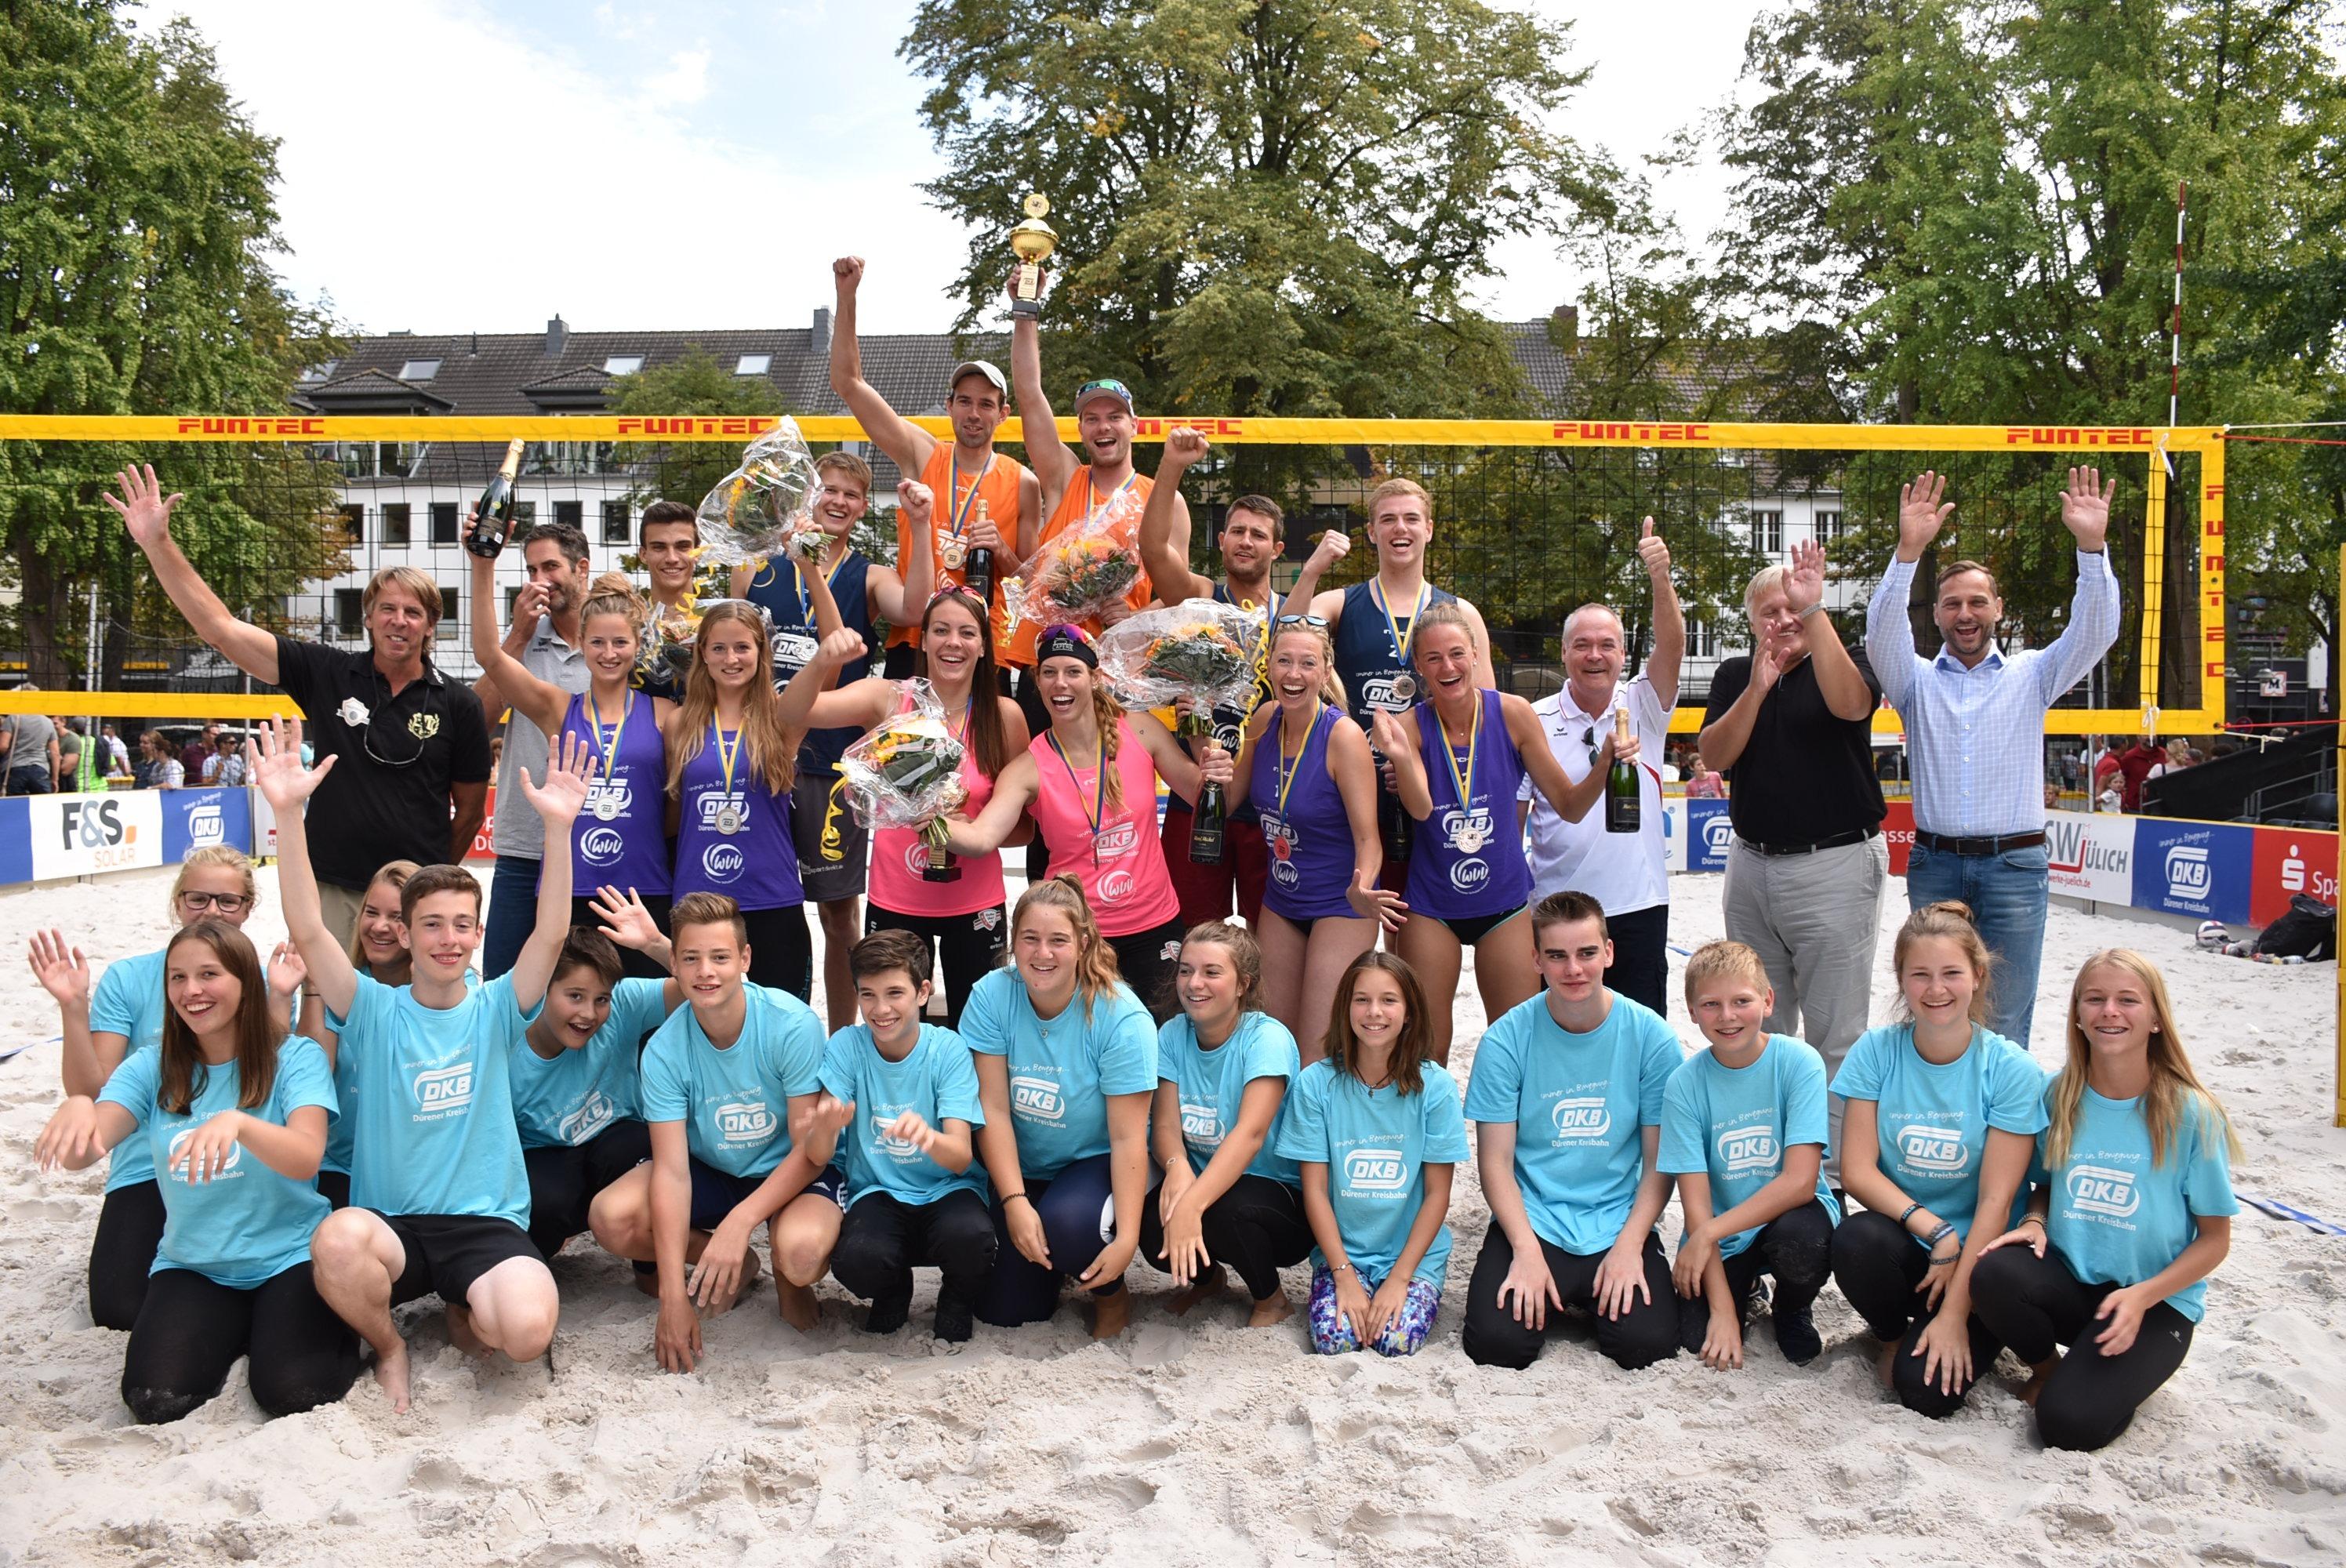 DKB-Beach-Cup 2018 163